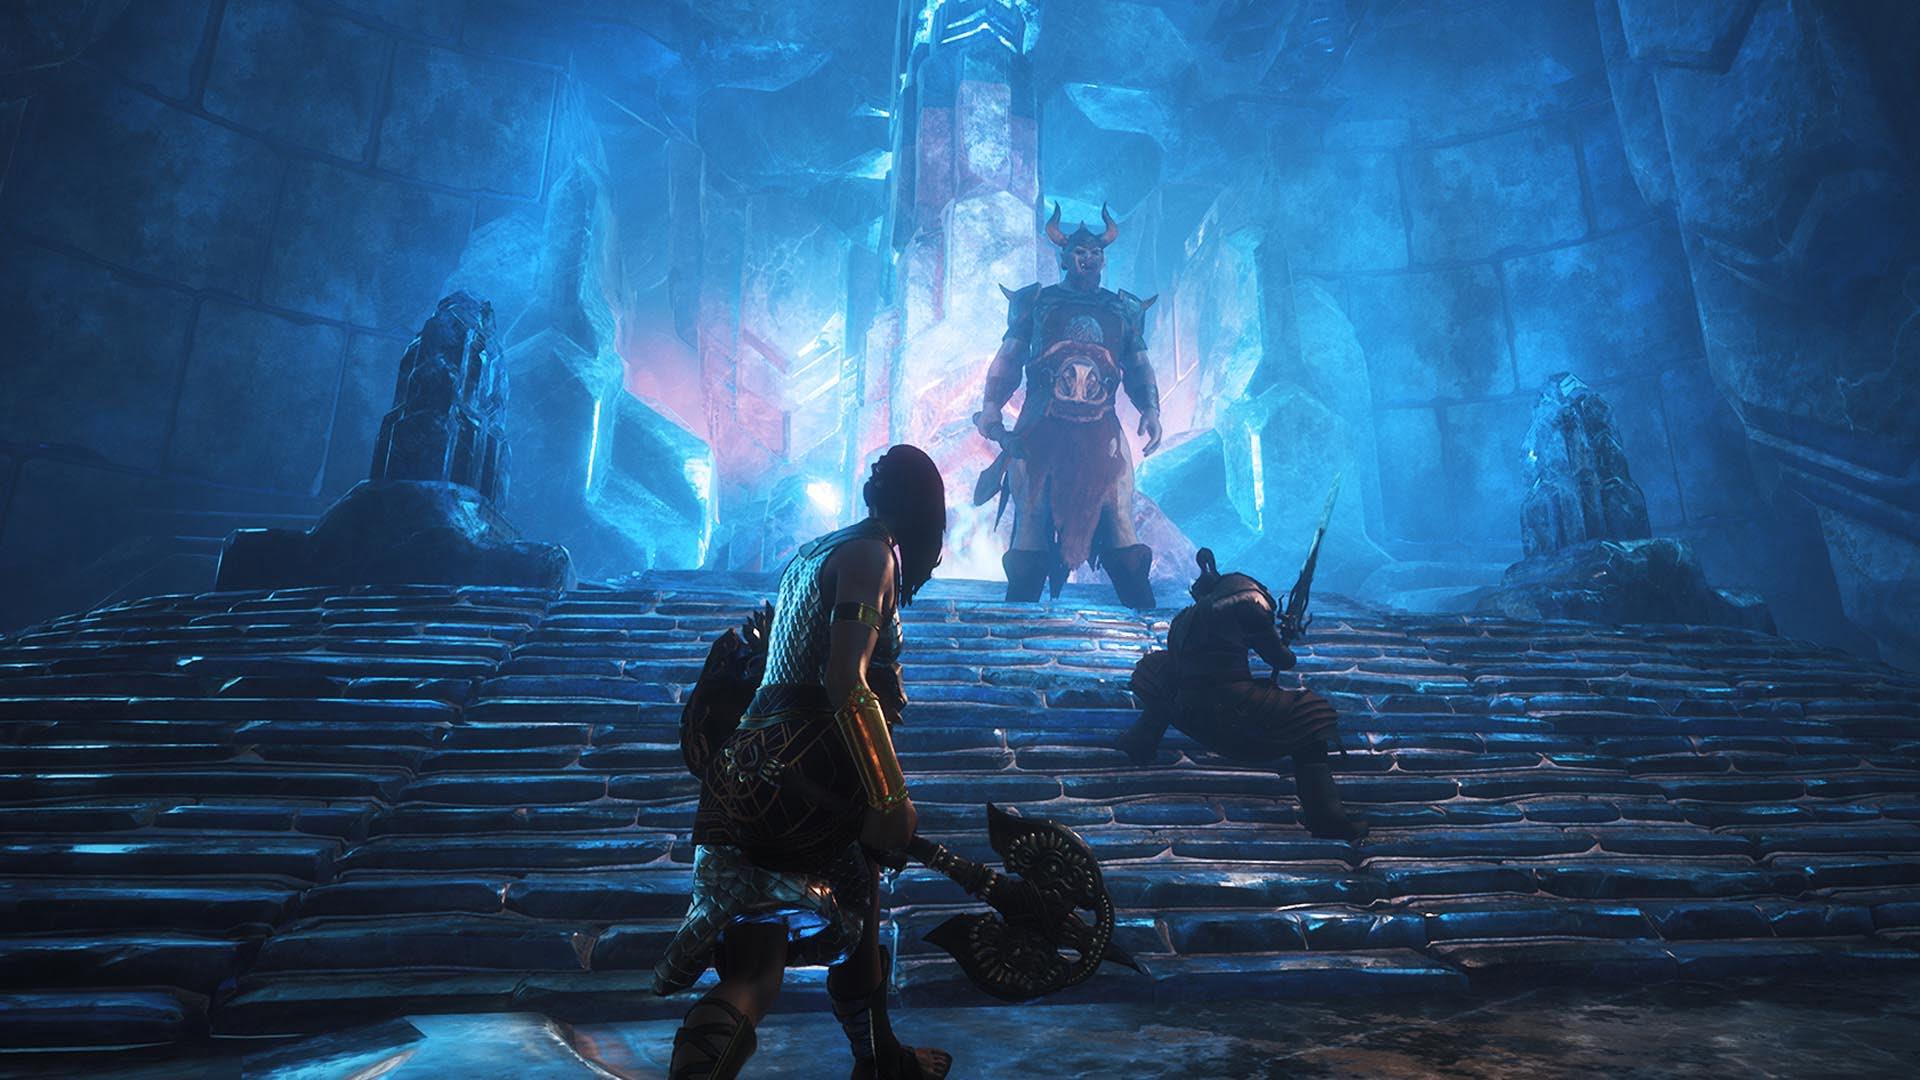 Метательное оружие в Conan Exiles: Топоры